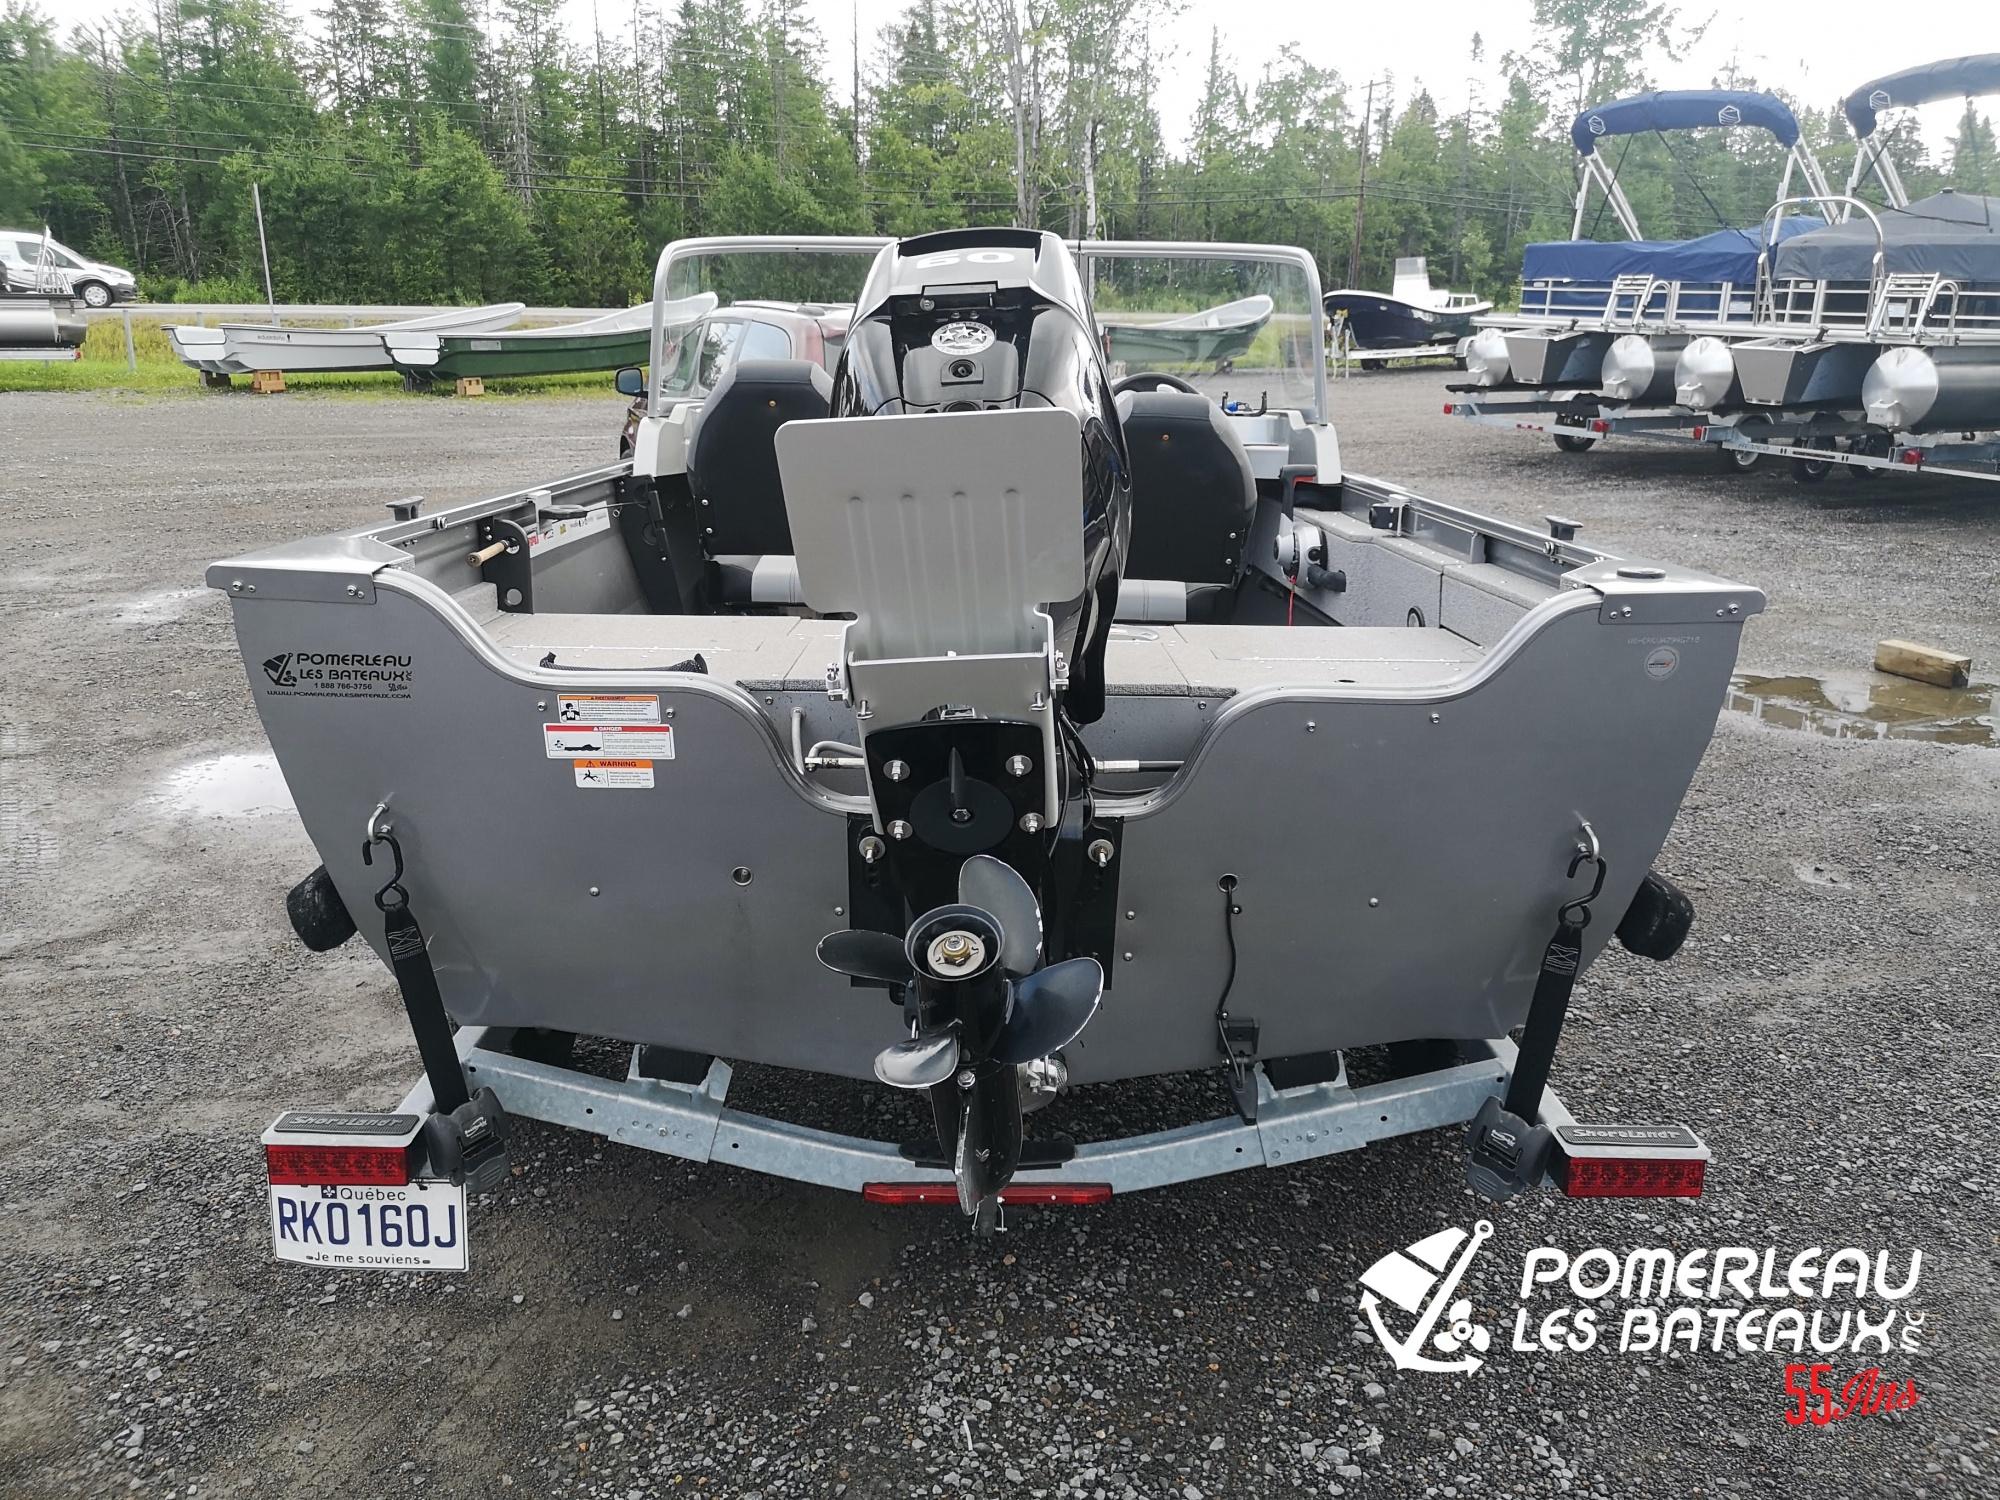 Crestliner Vision 1600 - IMG_20210716_095853